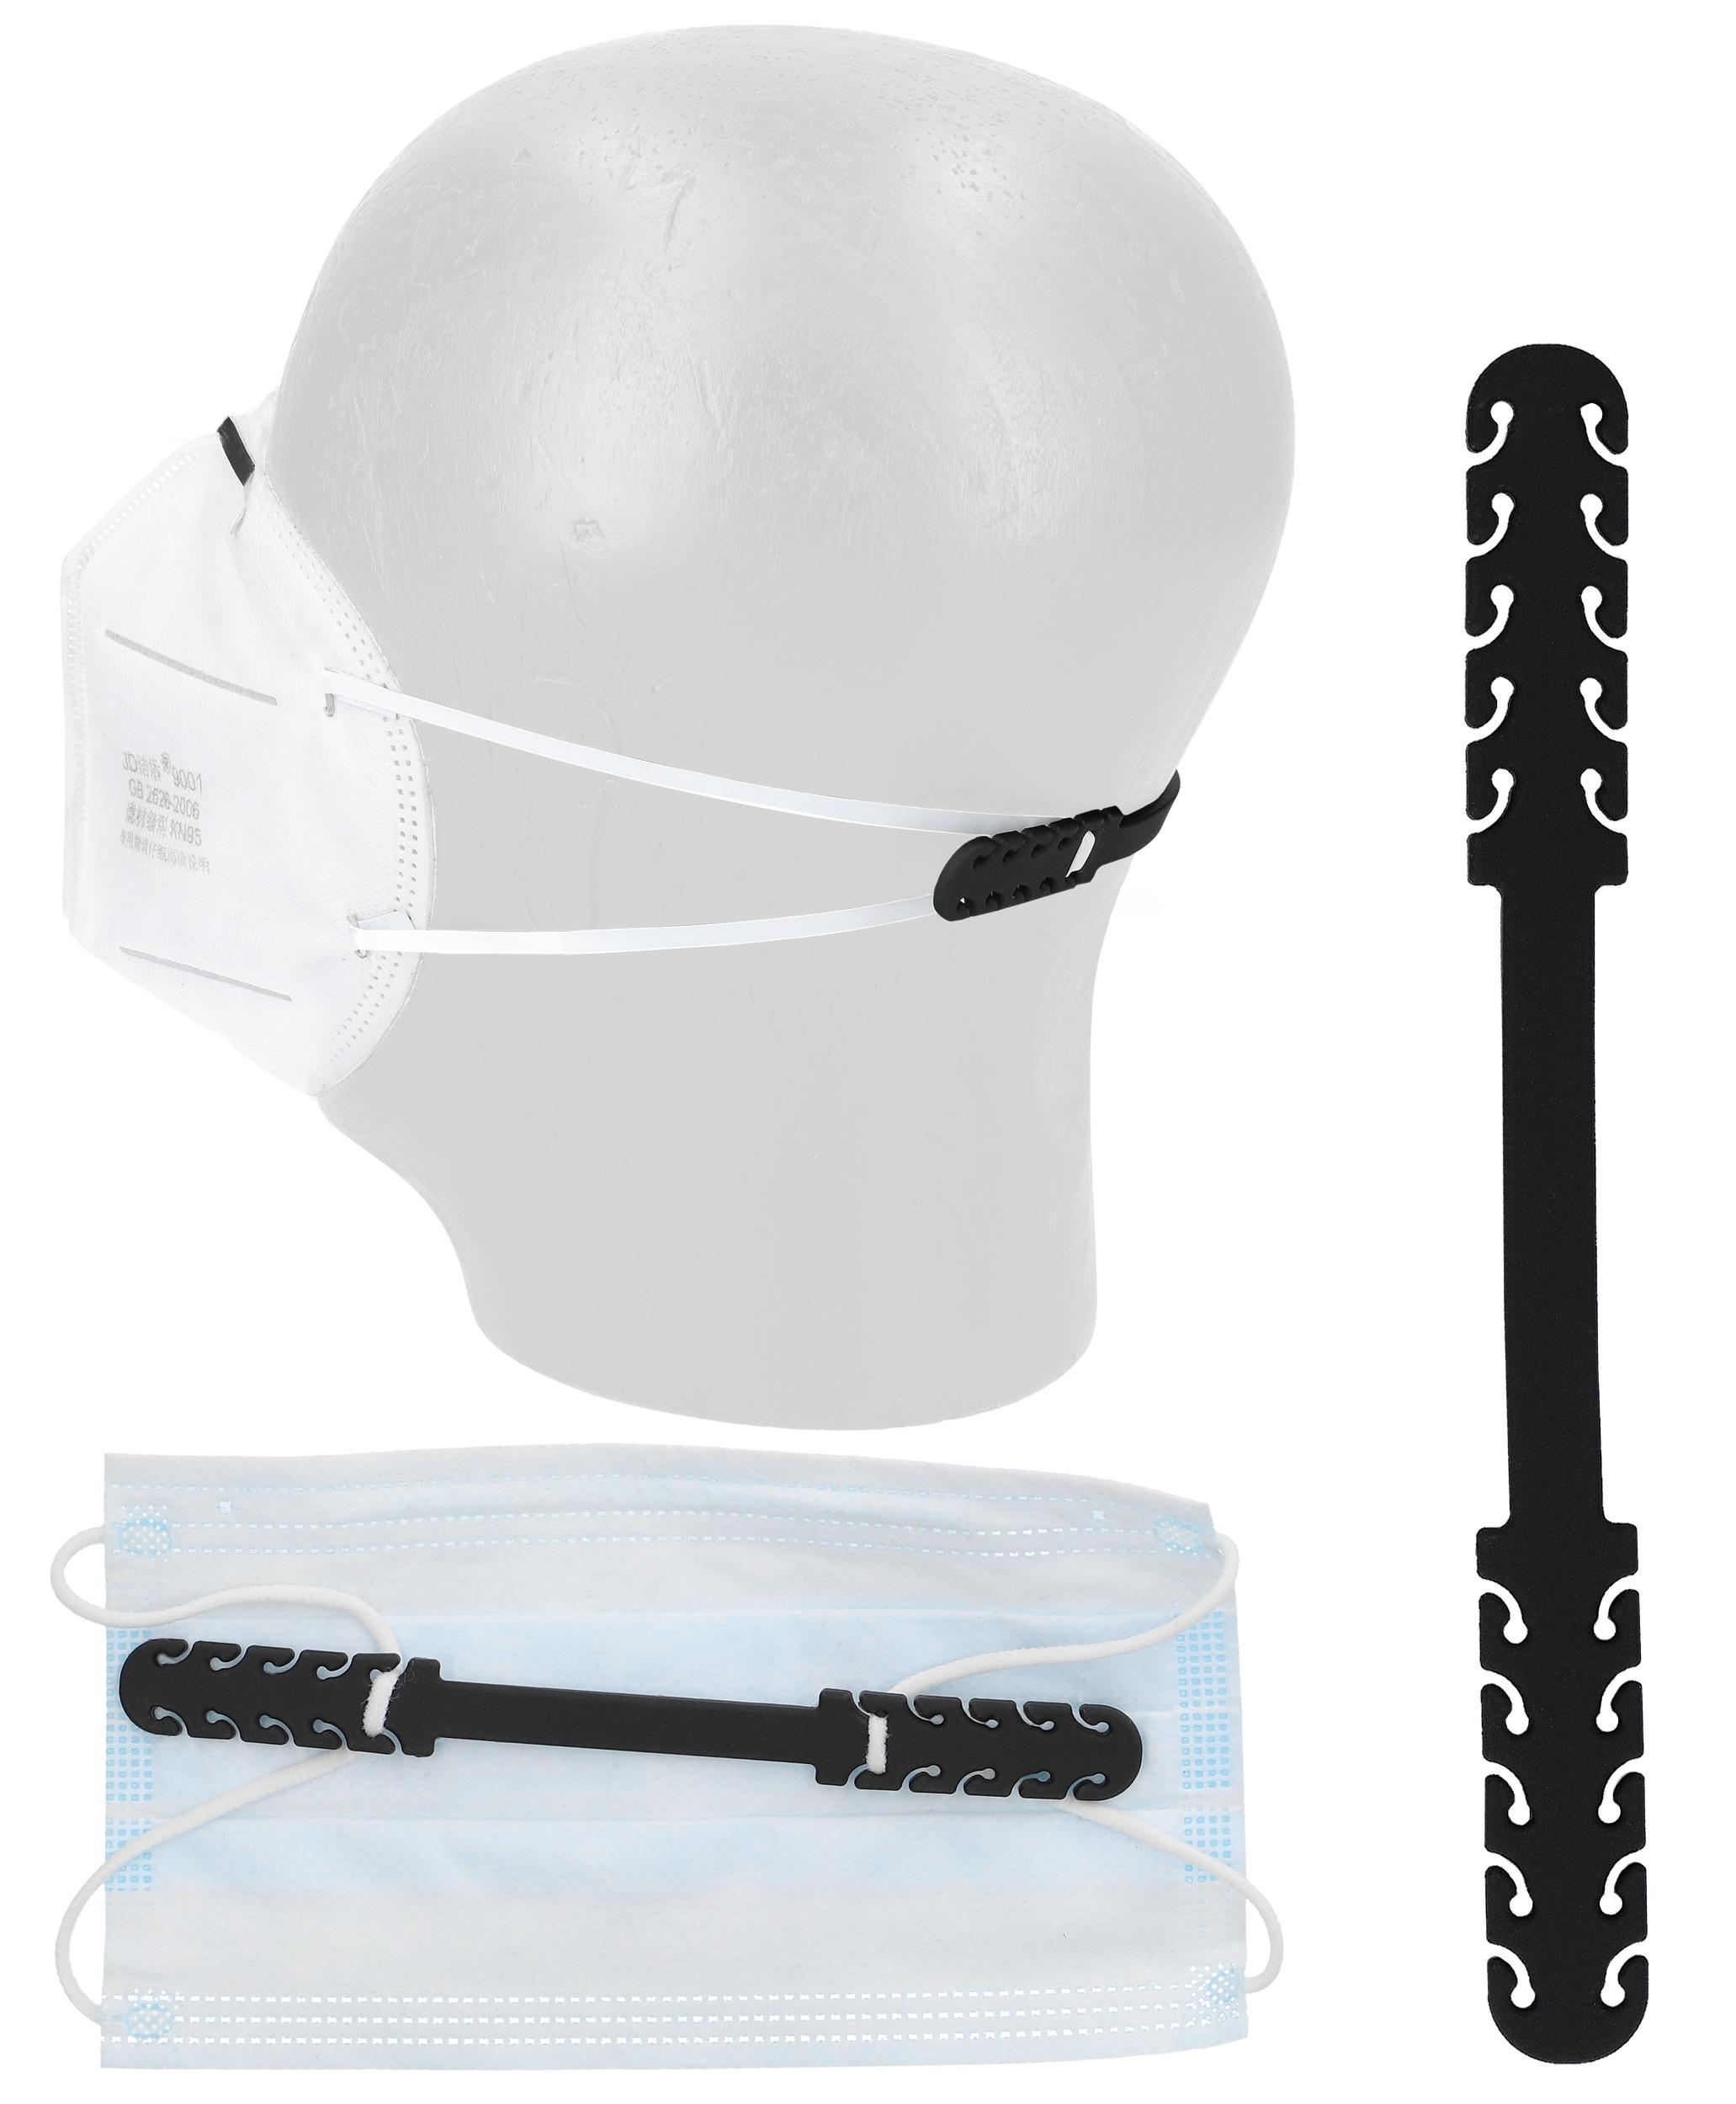 Indexbild 8 - Ohrenschoner Maskenhalter Masken Halter für Mundschutz Behelfsmasken Silikon